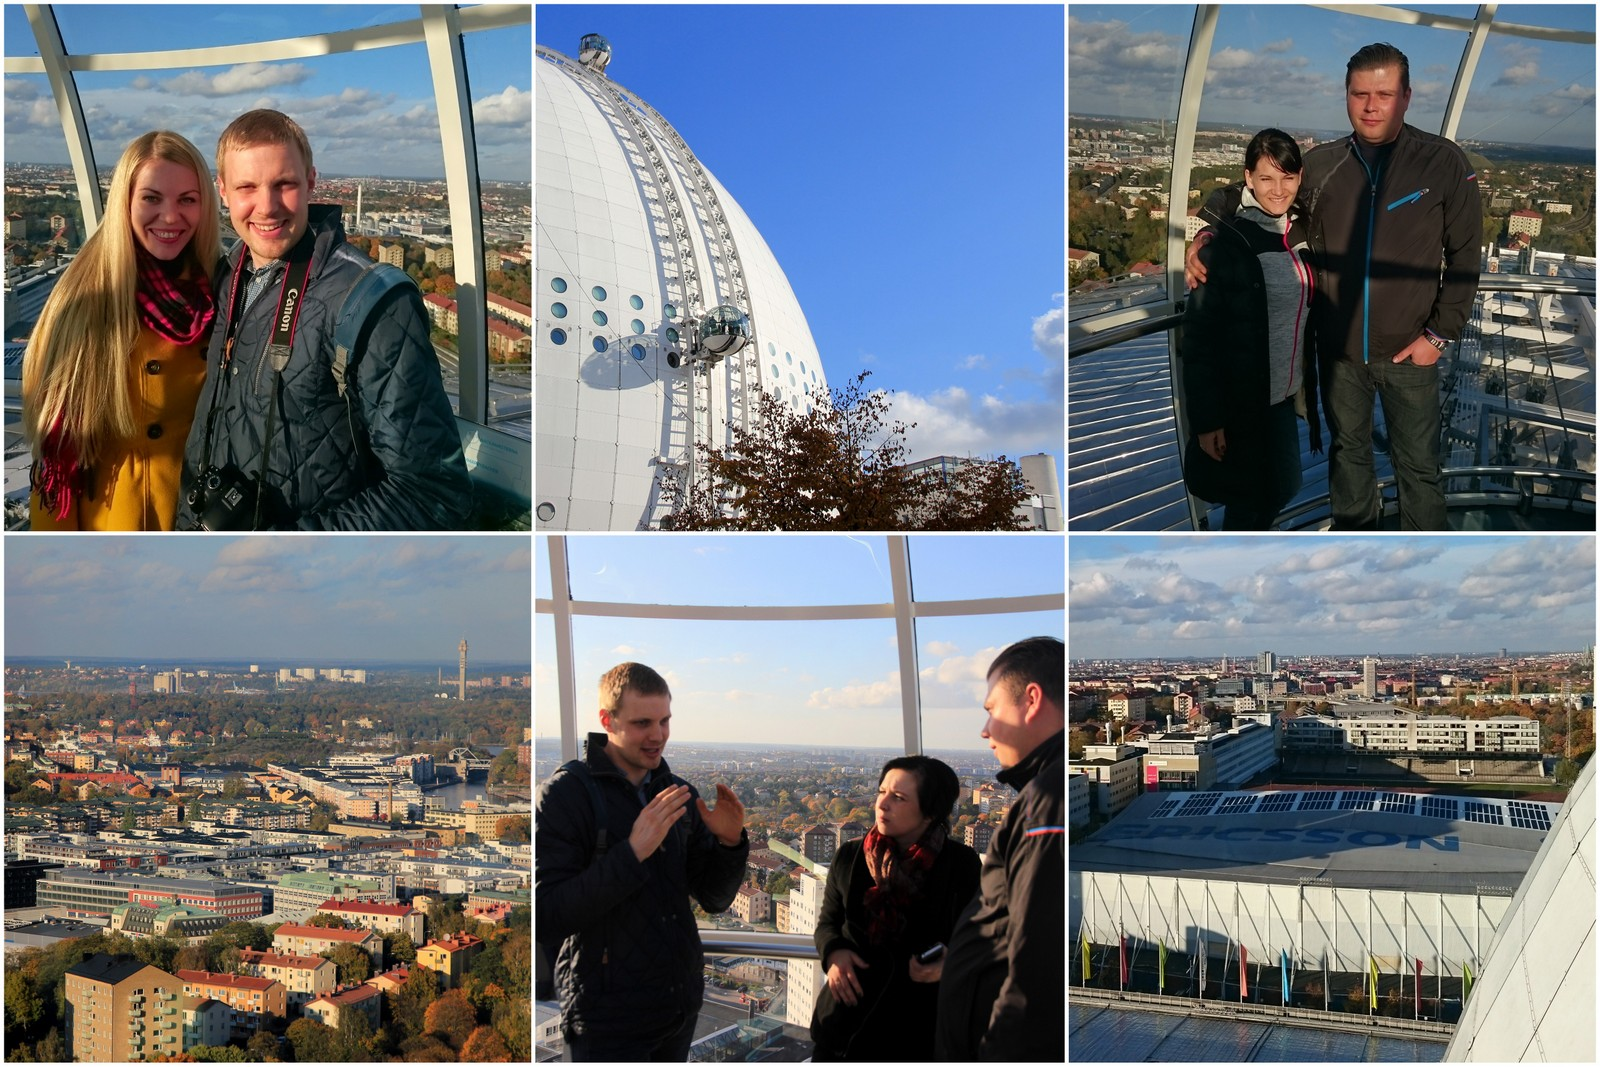 Pakilom Stokholmo iš viršaus apžiūrėti